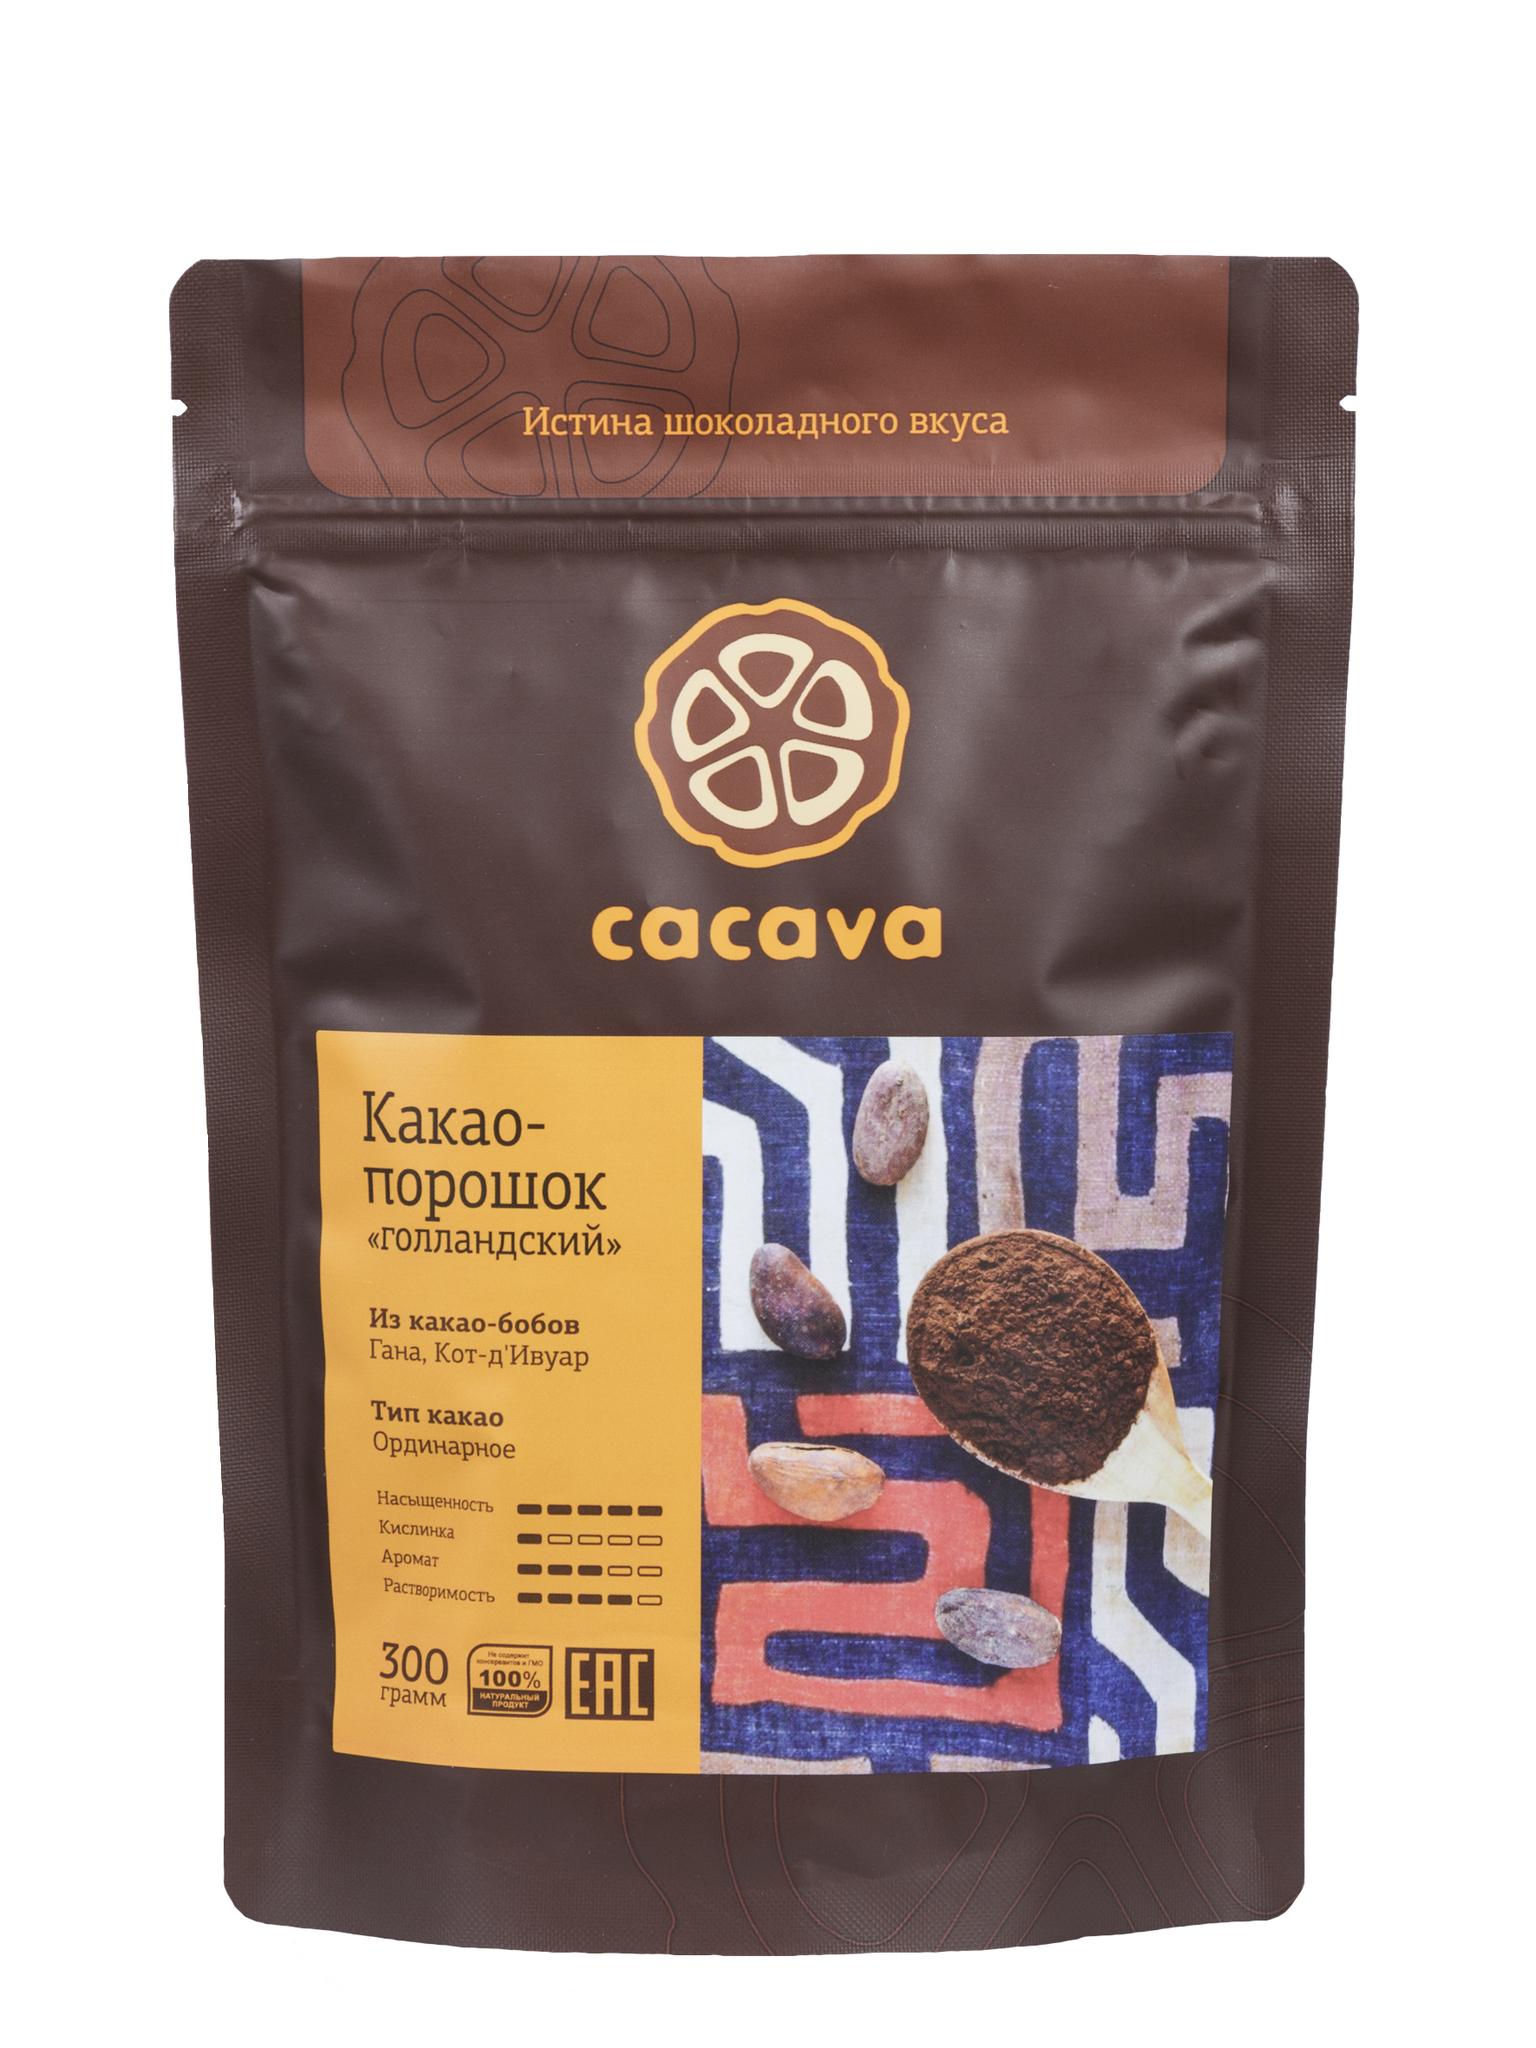 Какао-порошок Голландский, упаковка 300 грамм